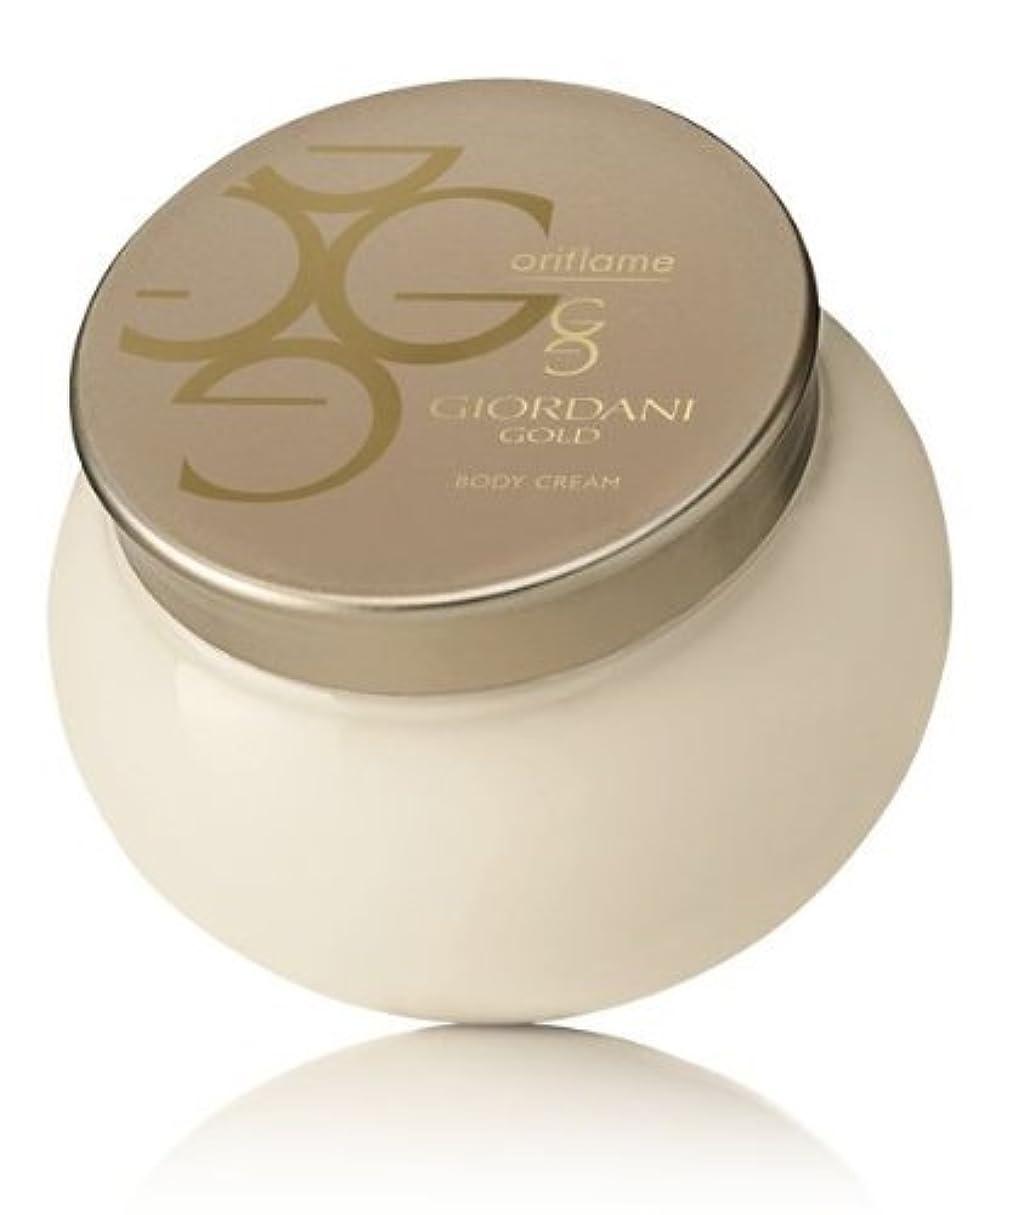 選択離れて厚さGiordani Gold Body Cream by Oriflame